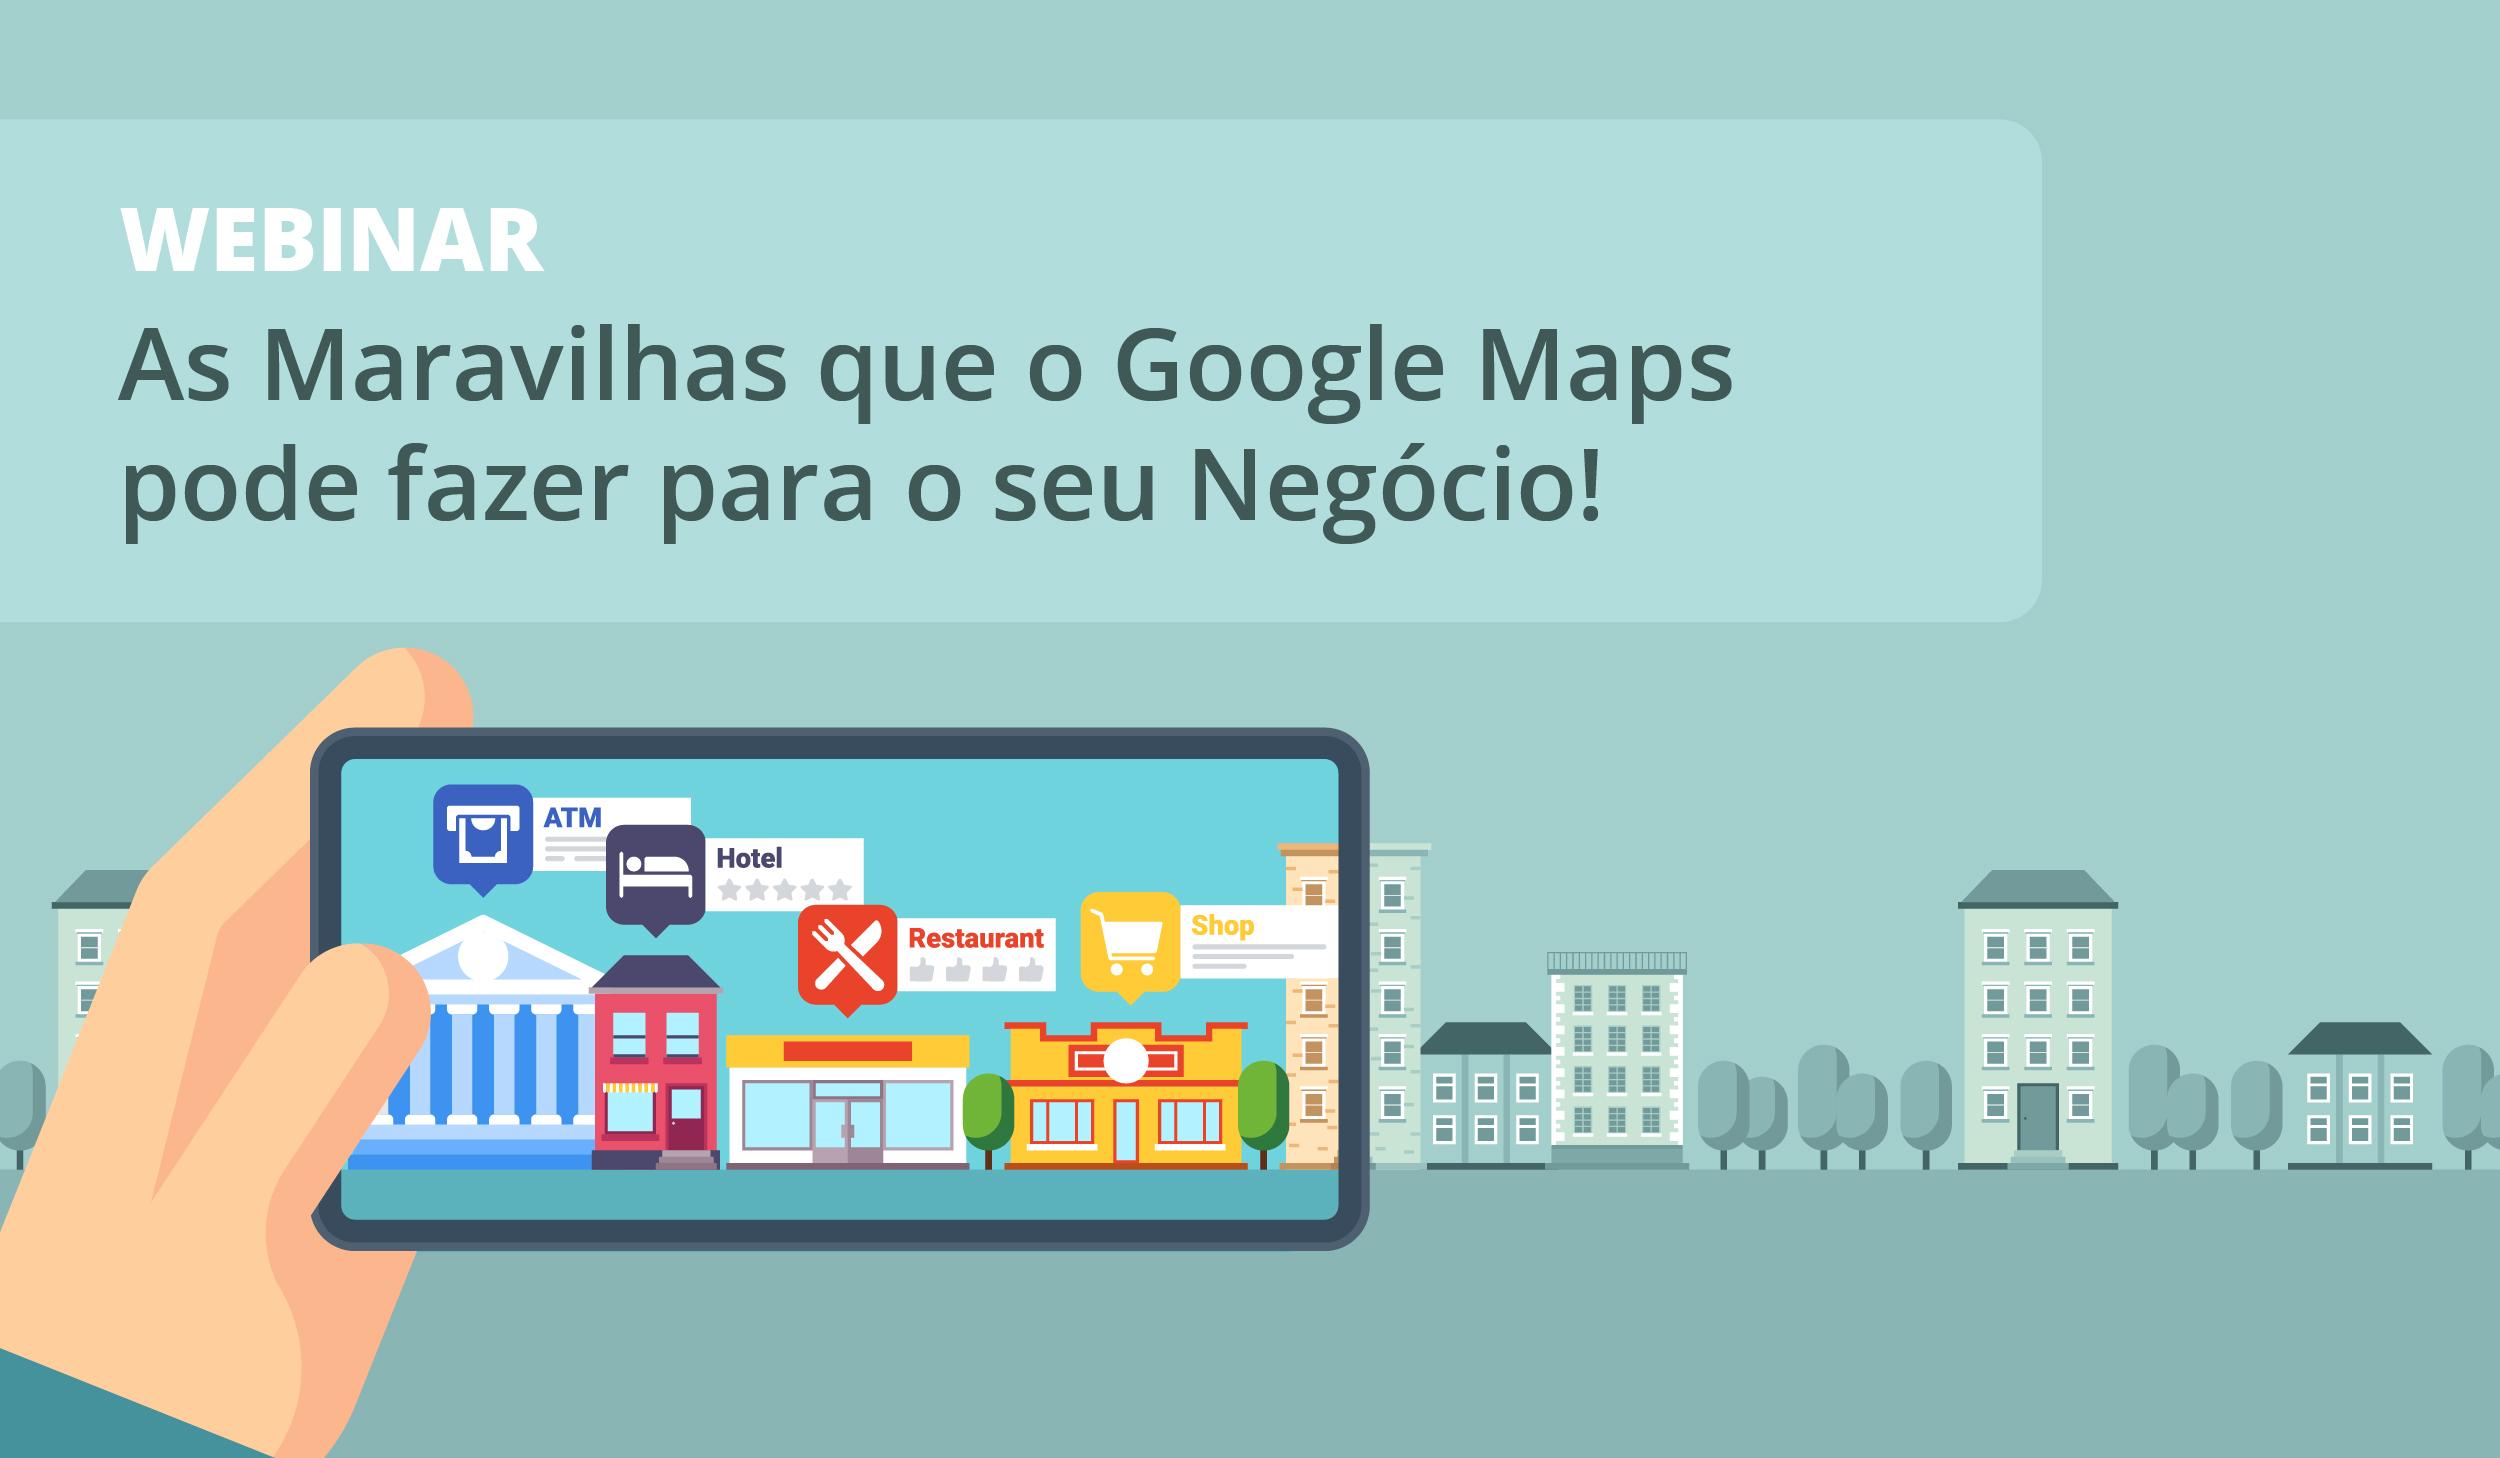 As Maravilhas que o Google Maps pode fazer para o seu Negócio!